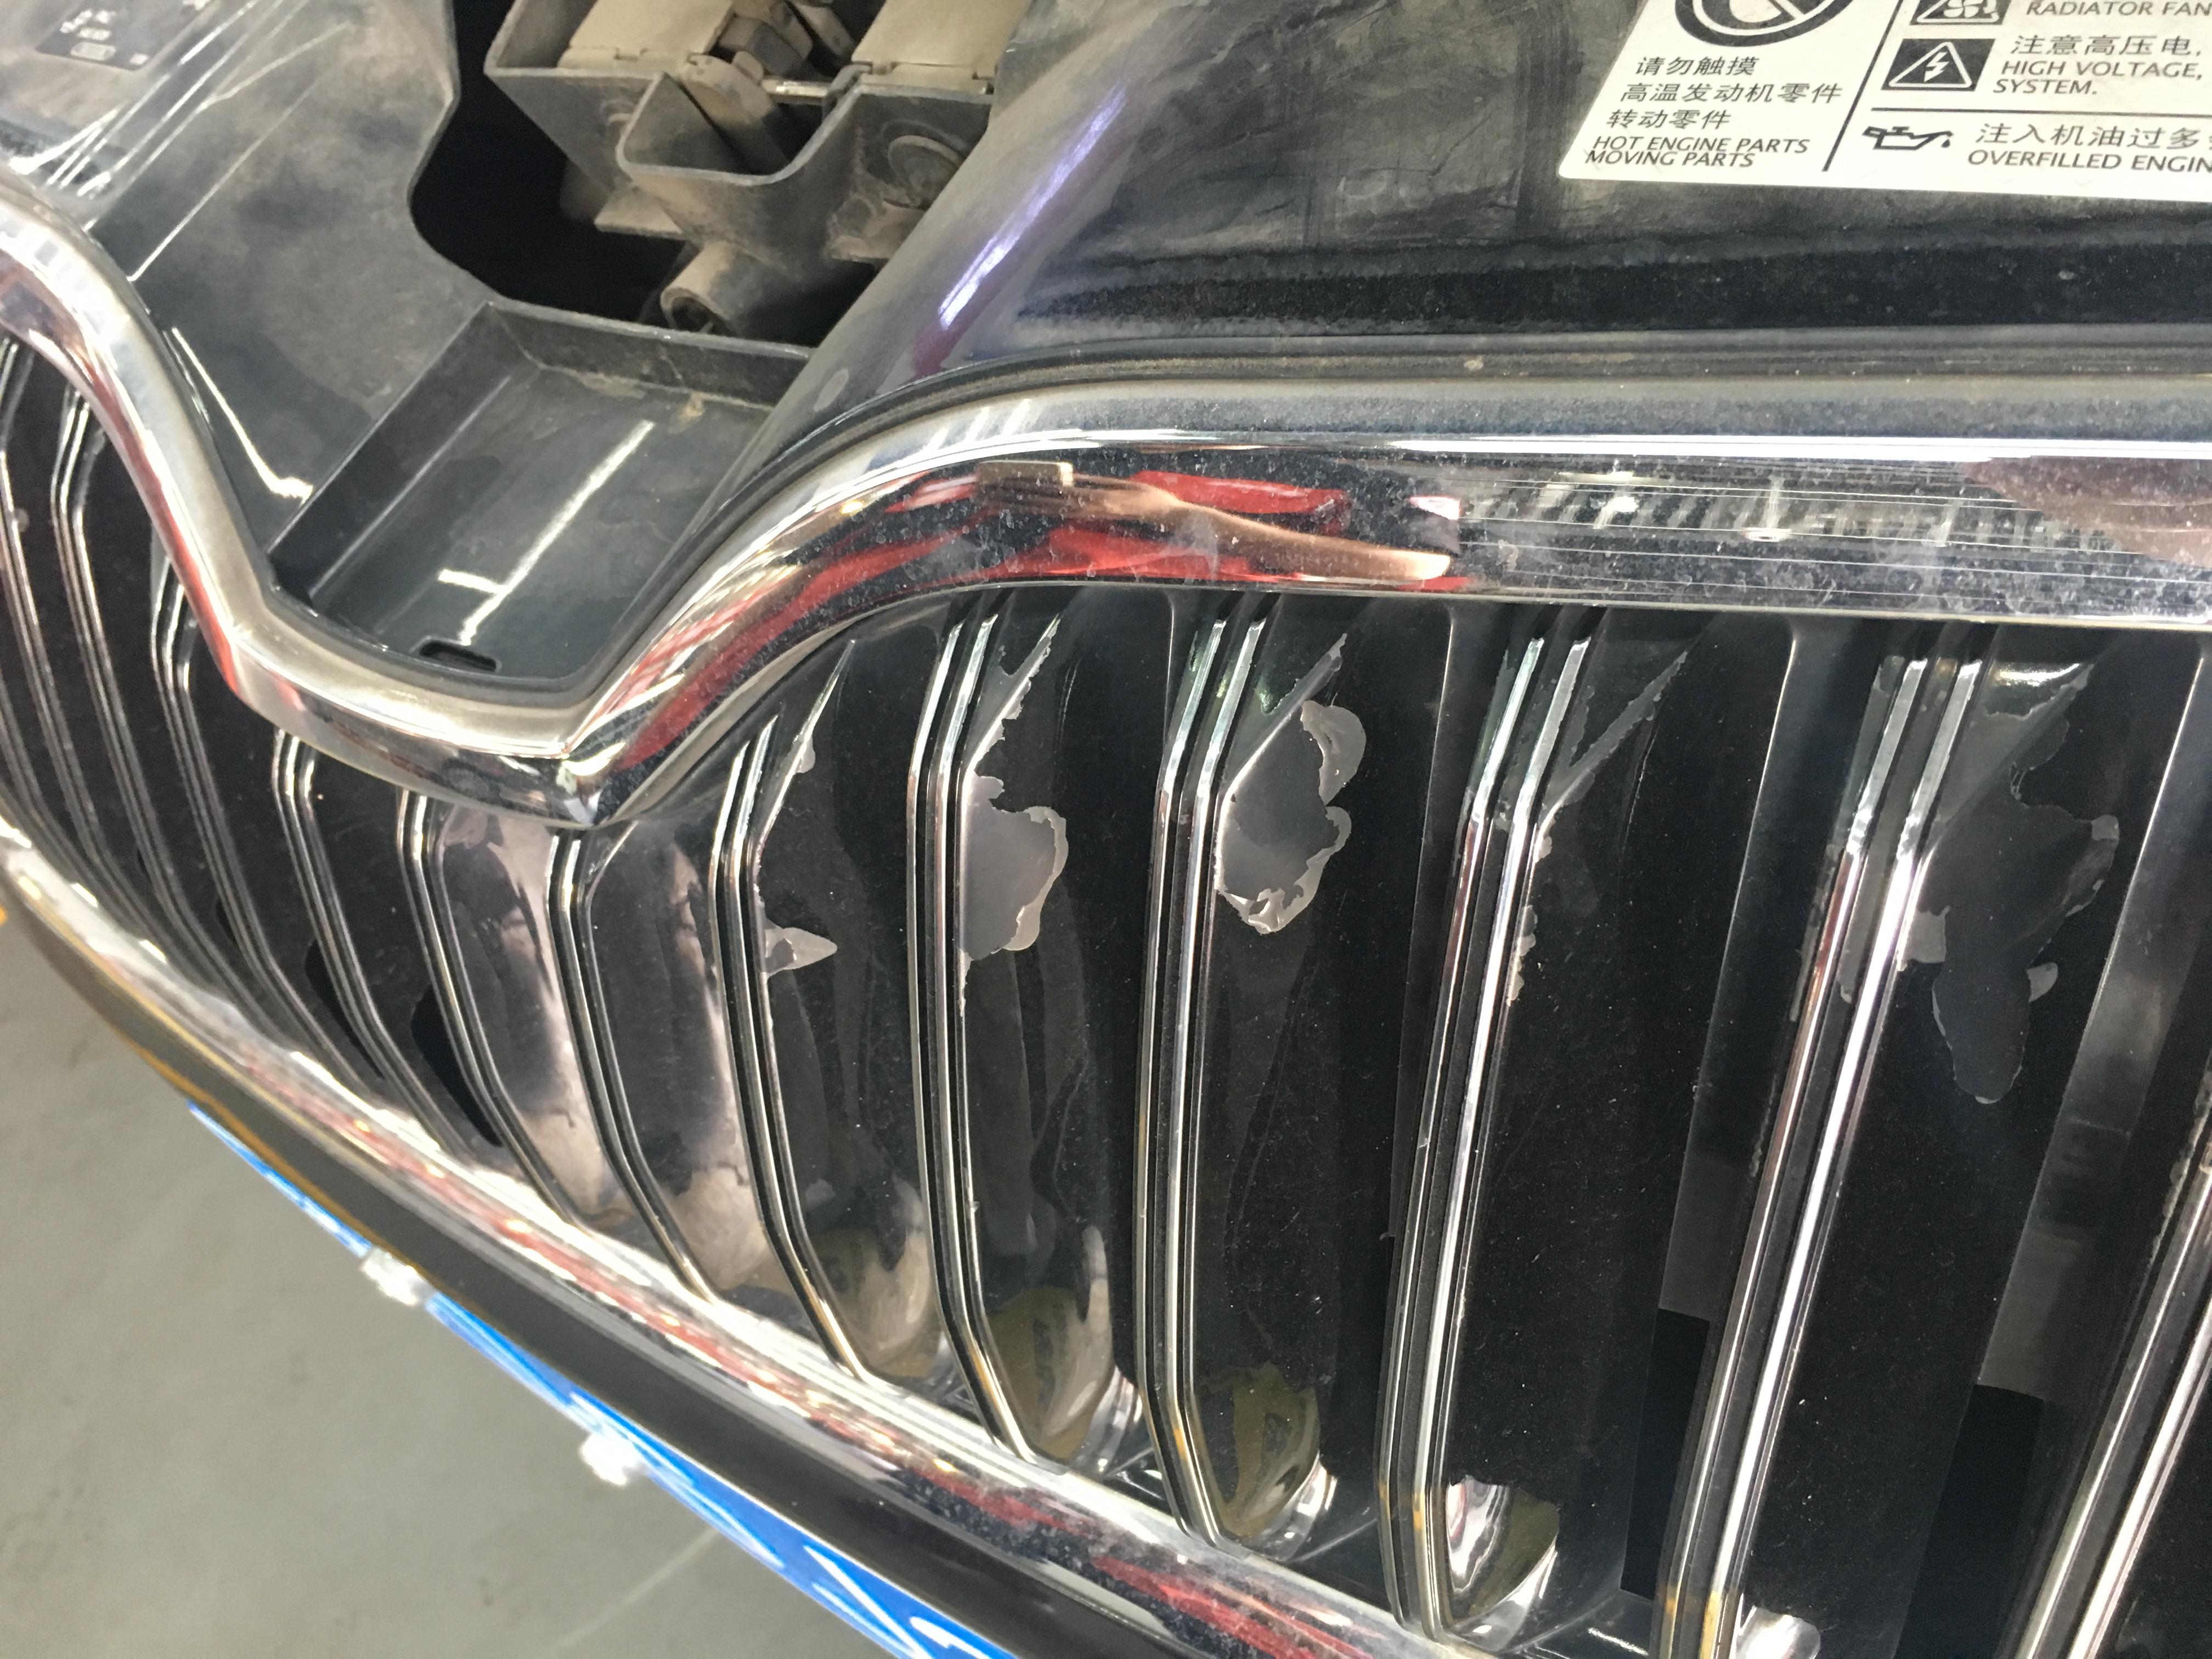 斯柯达-明锐 车内异味浓重,进气格栅掉漆严重